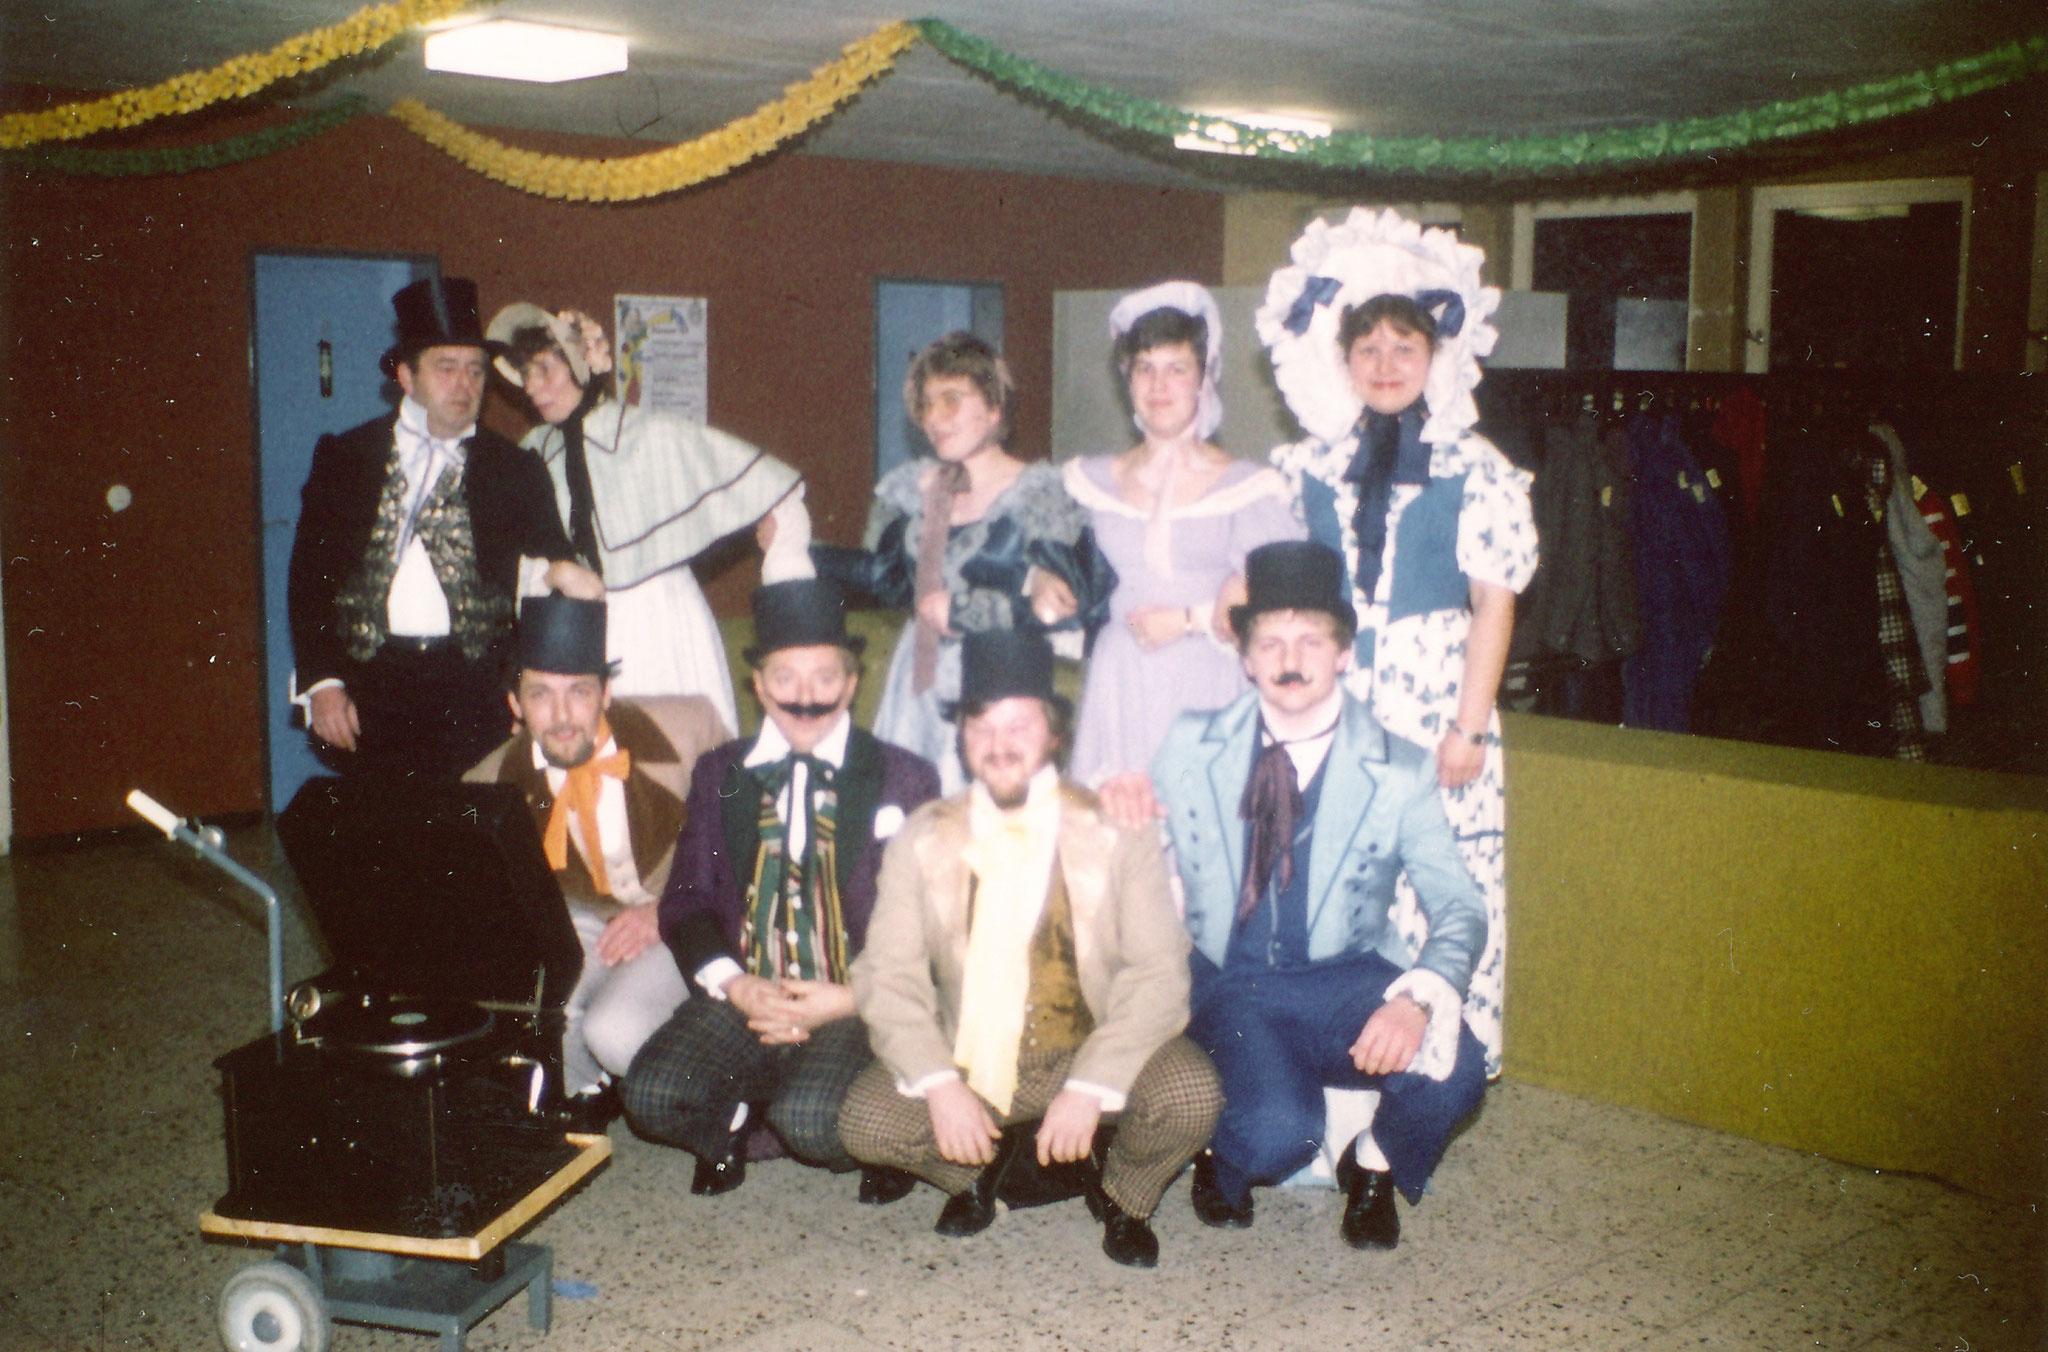 Bilder aus den 1980 Jahren Brauchtumsabend in der Halle an Fasnet